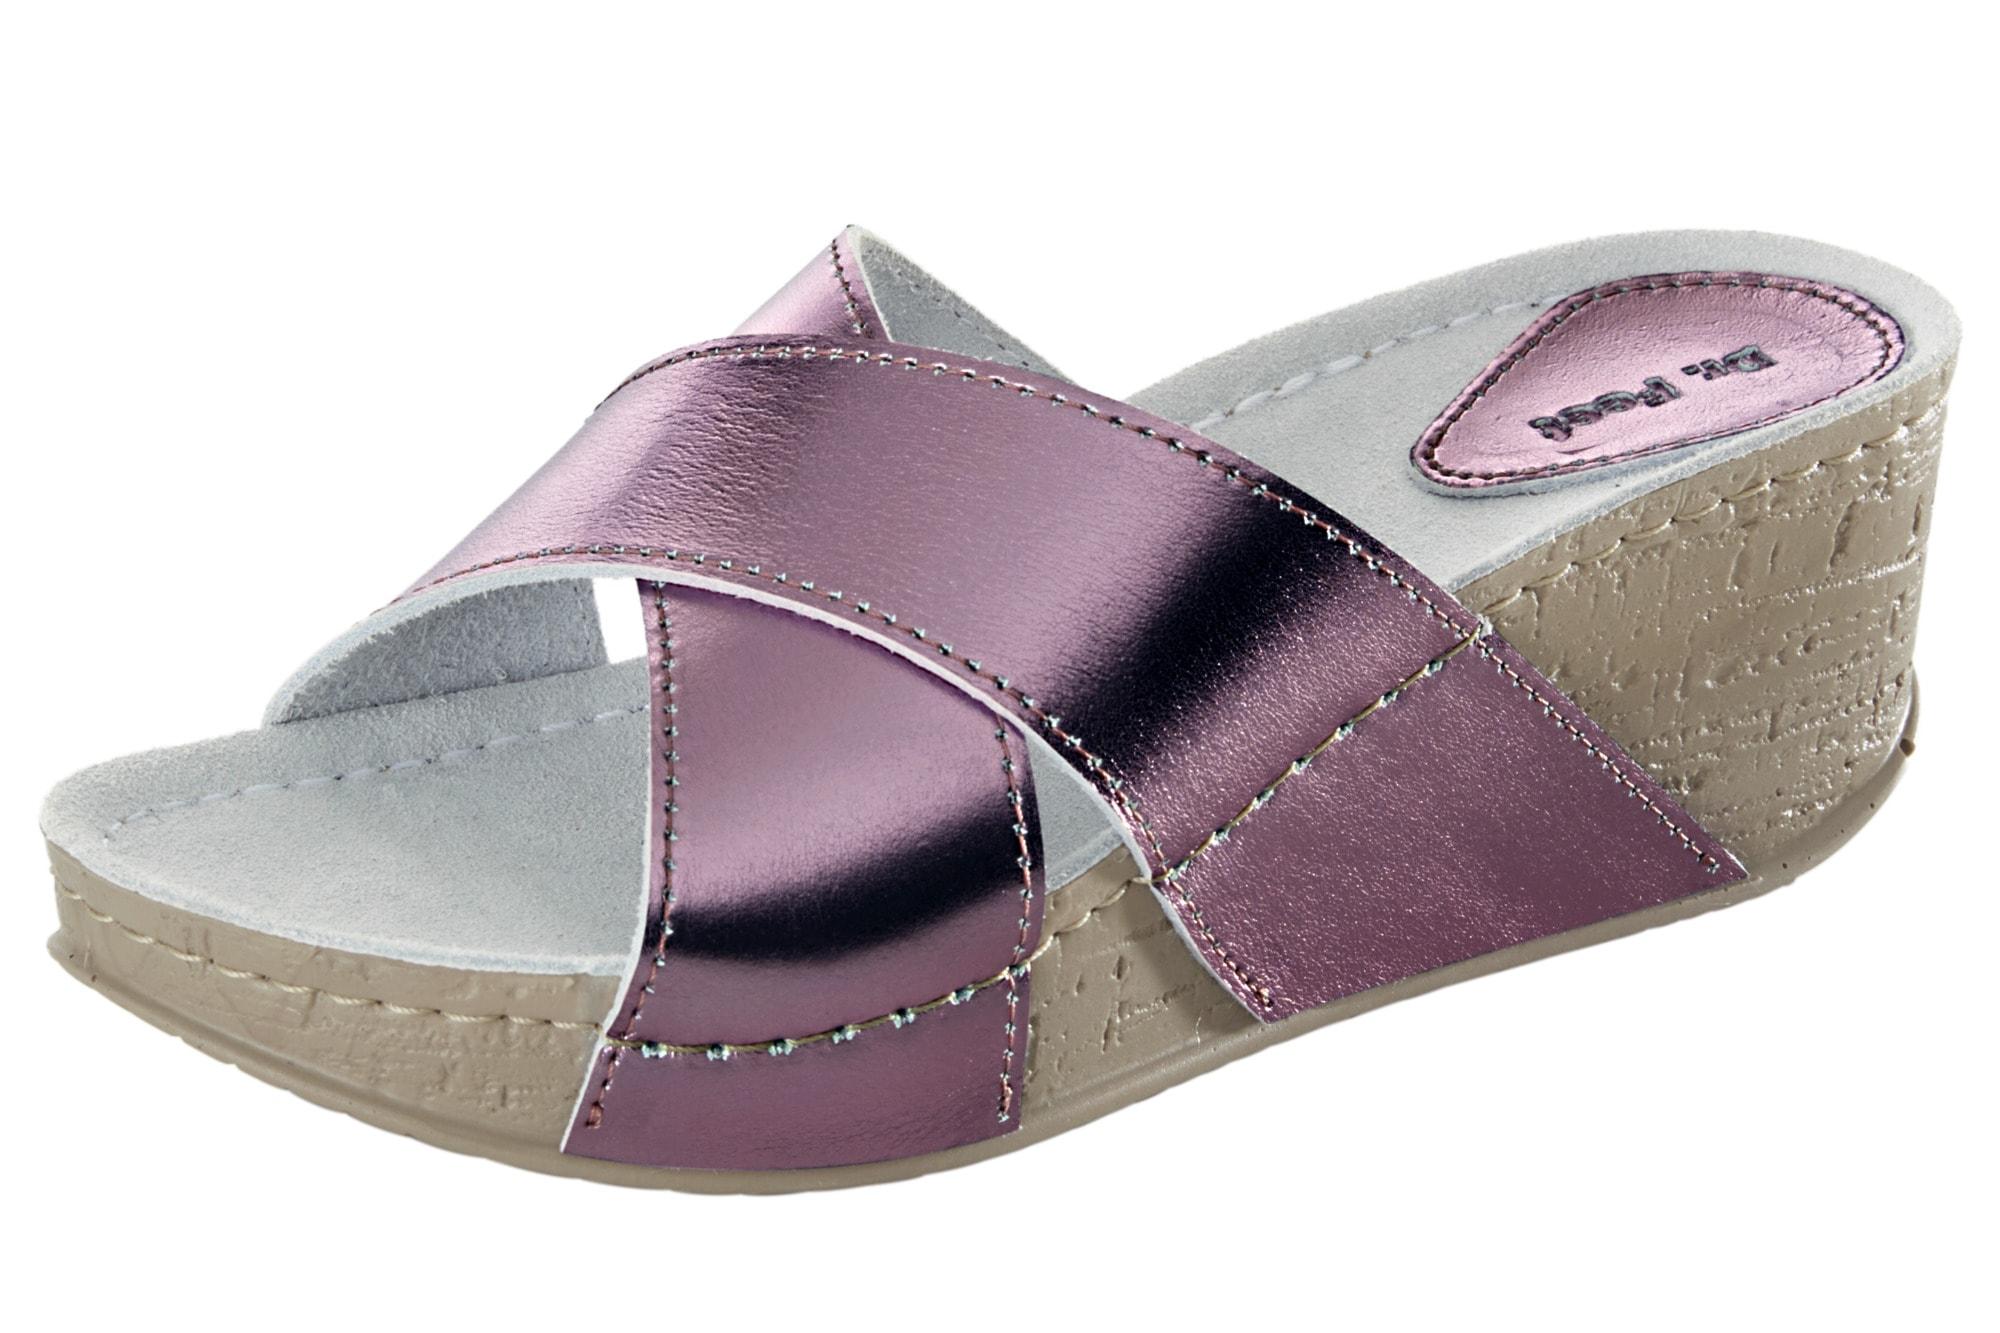 heine home Clogs mit überkreuzten Riemen   Schuhe > Clogs & Pantoletten > Clogs   Pink   Leder - Pu   Heine Home